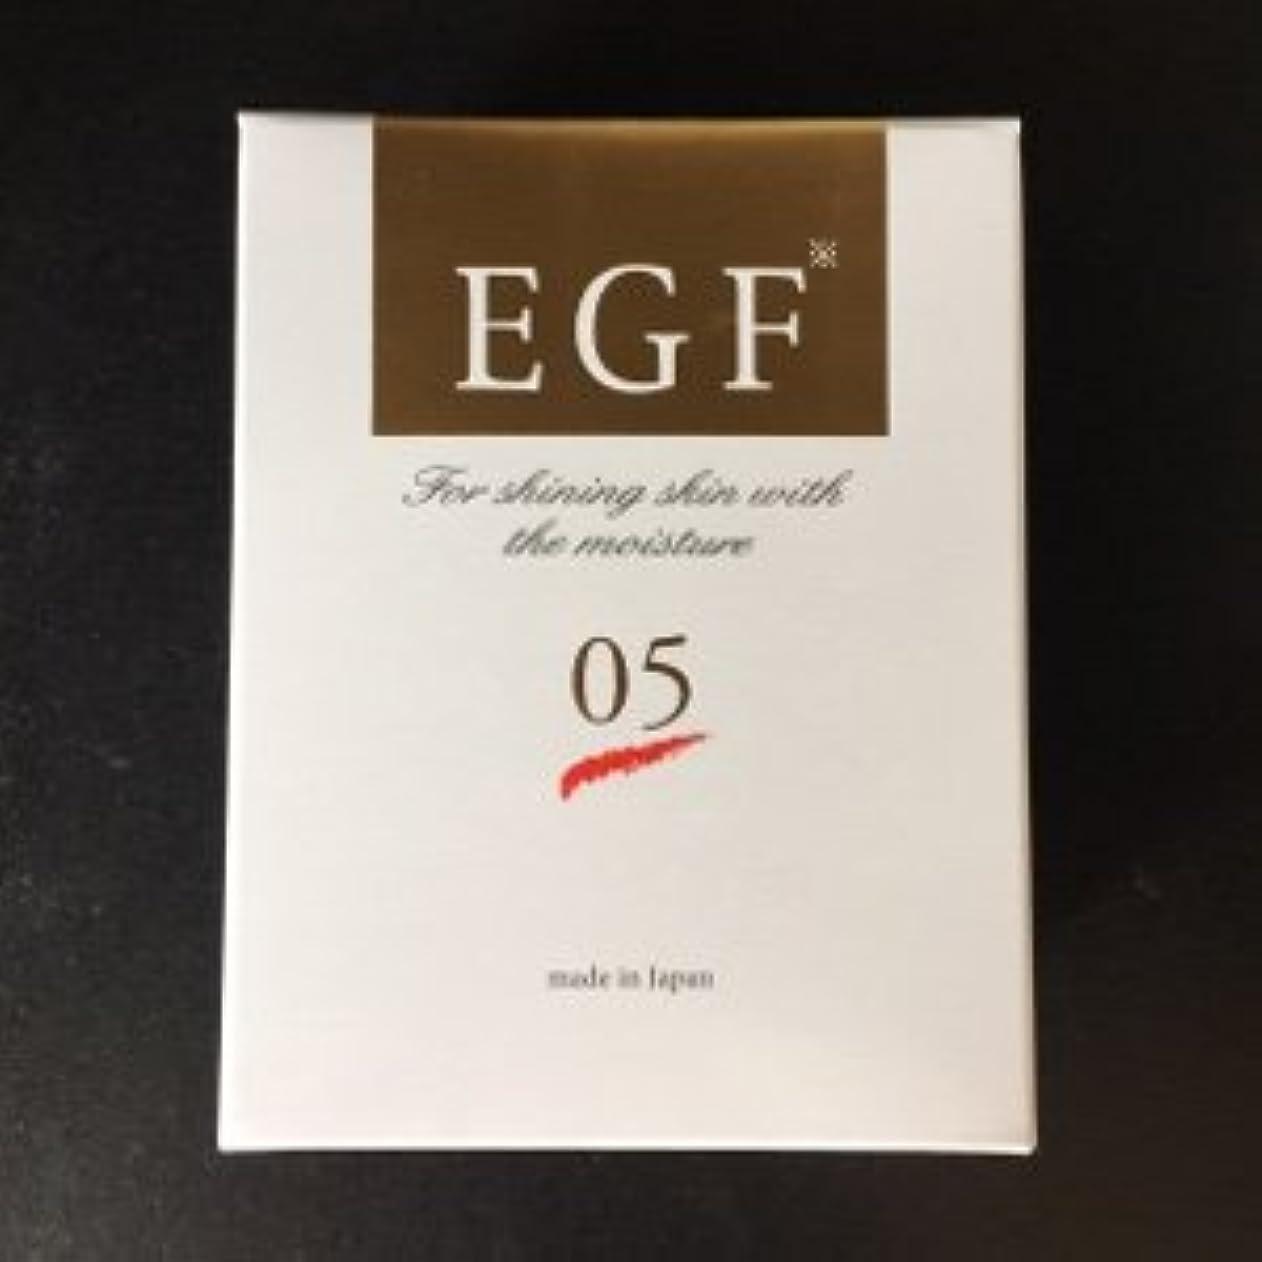 キャンバス高度粘液EGFセラム05